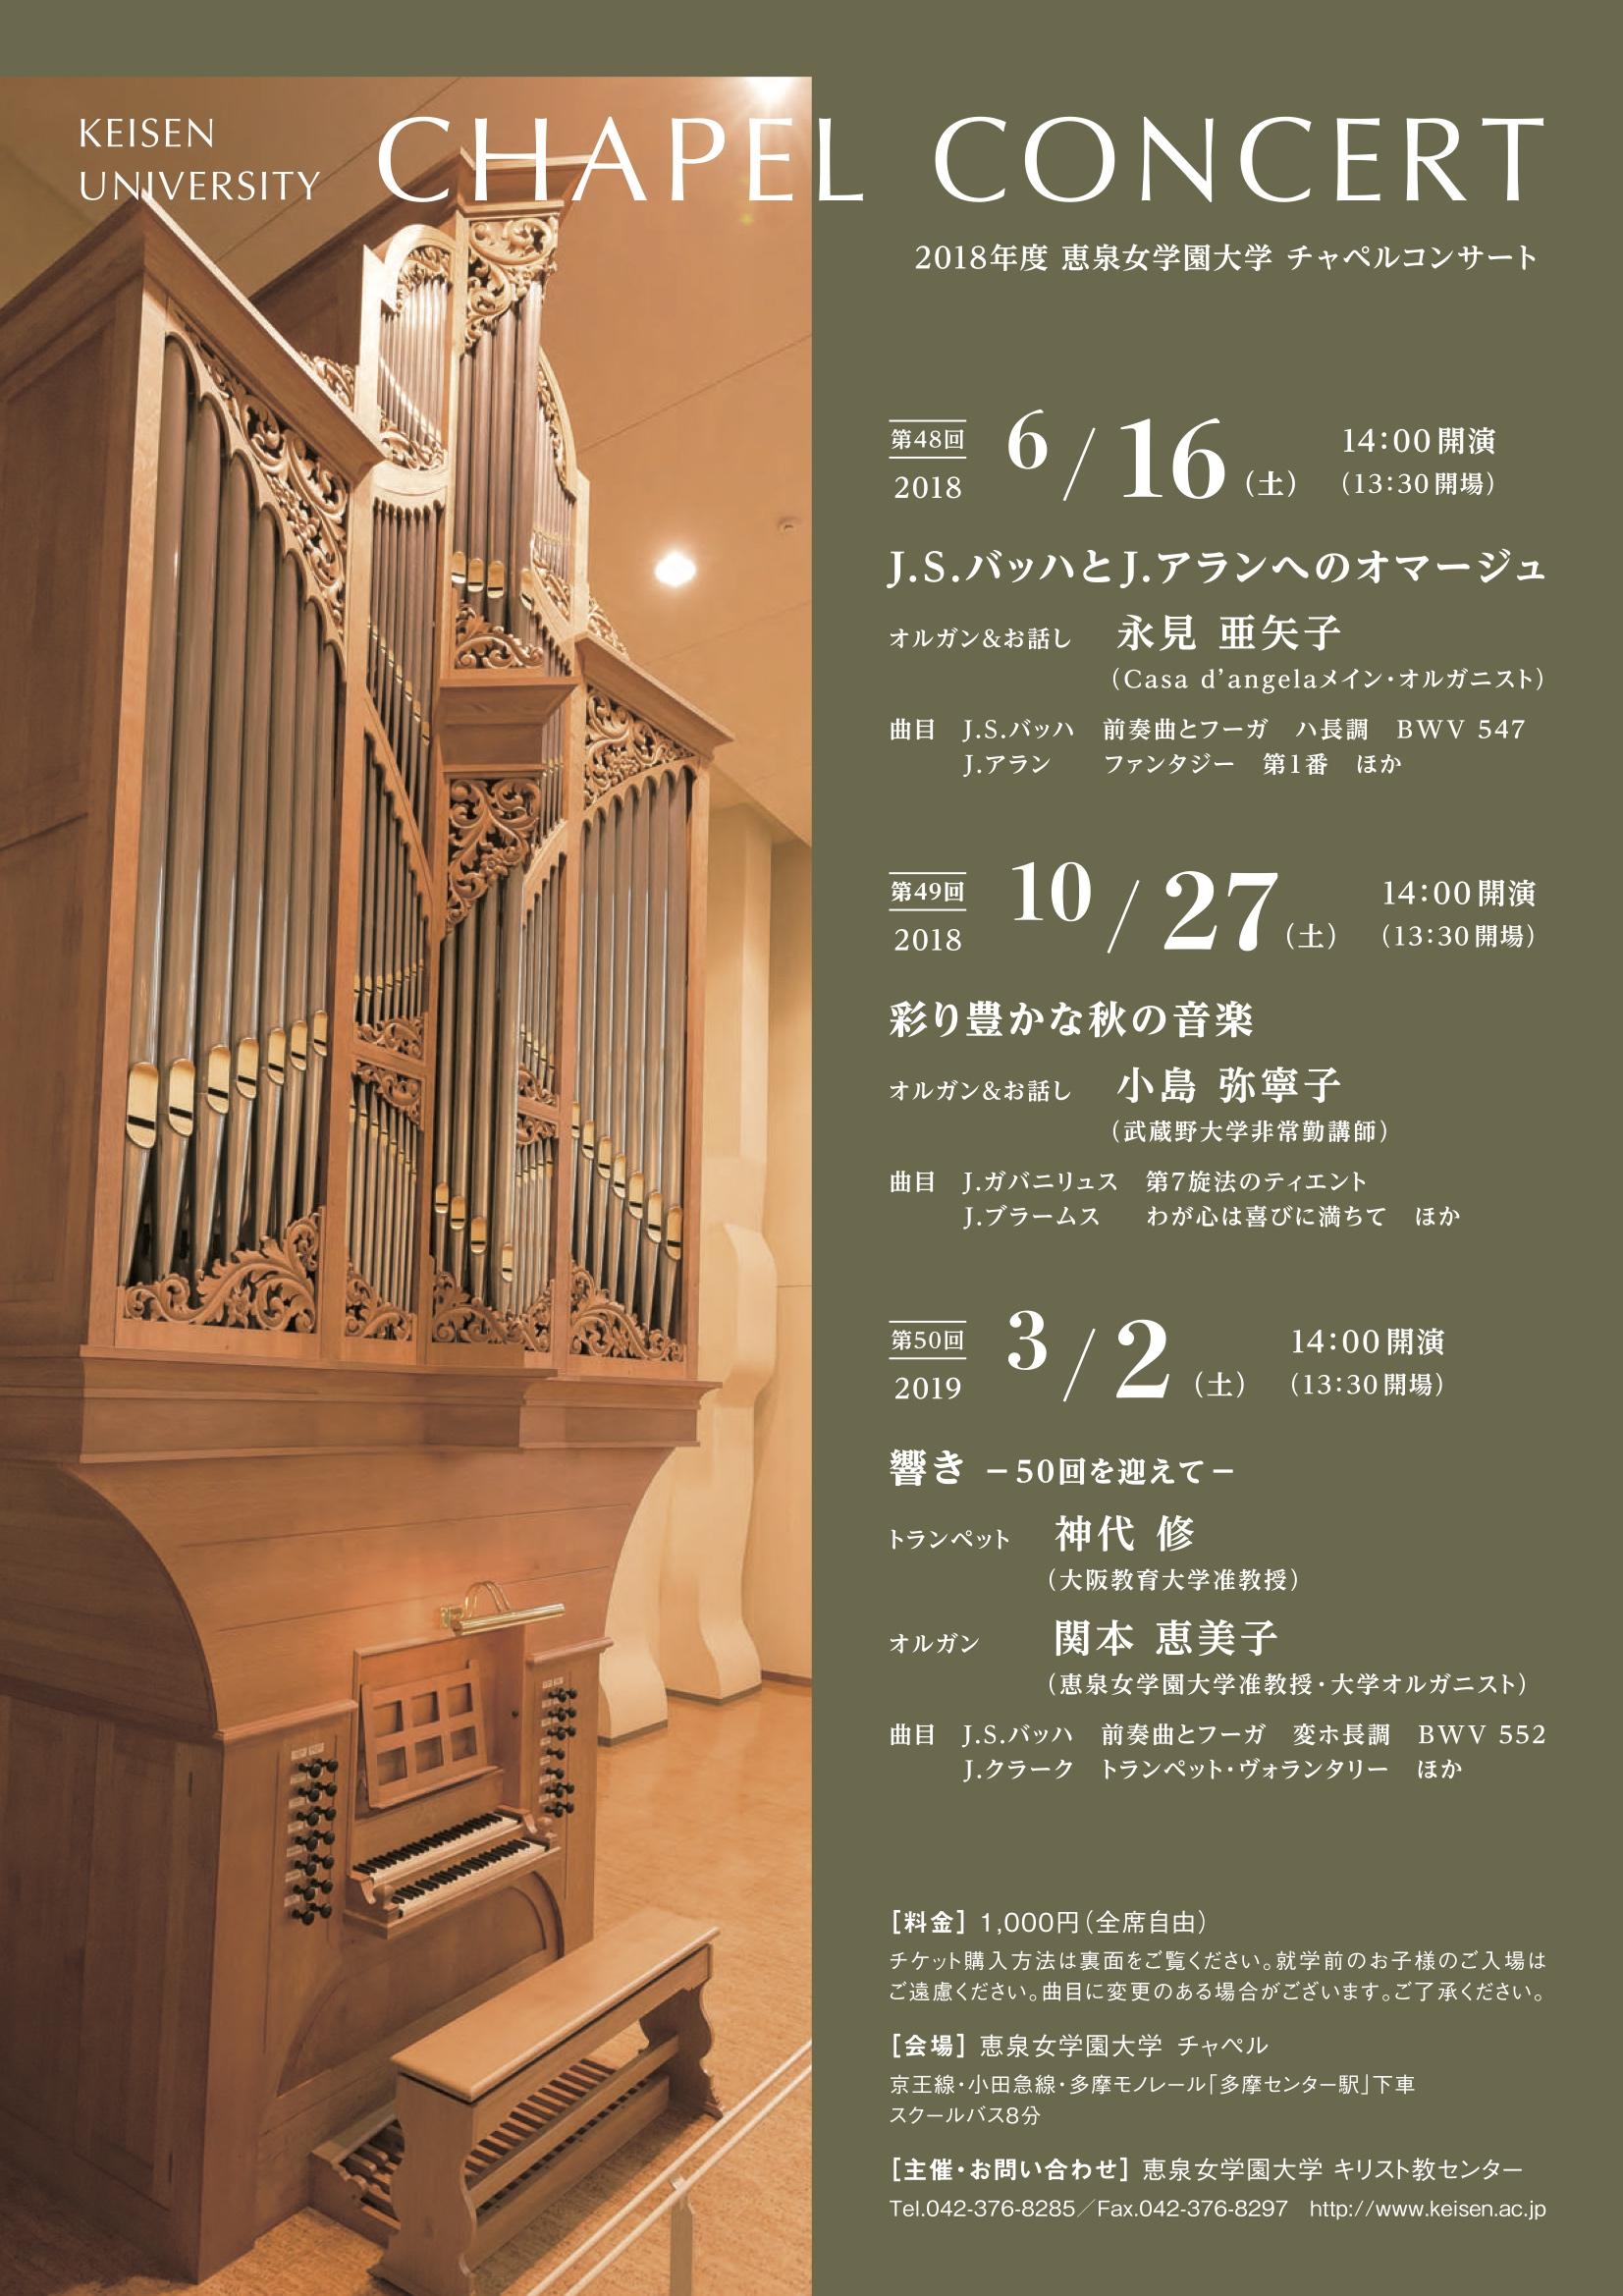 恵泉女学園大学チャペルコンサート